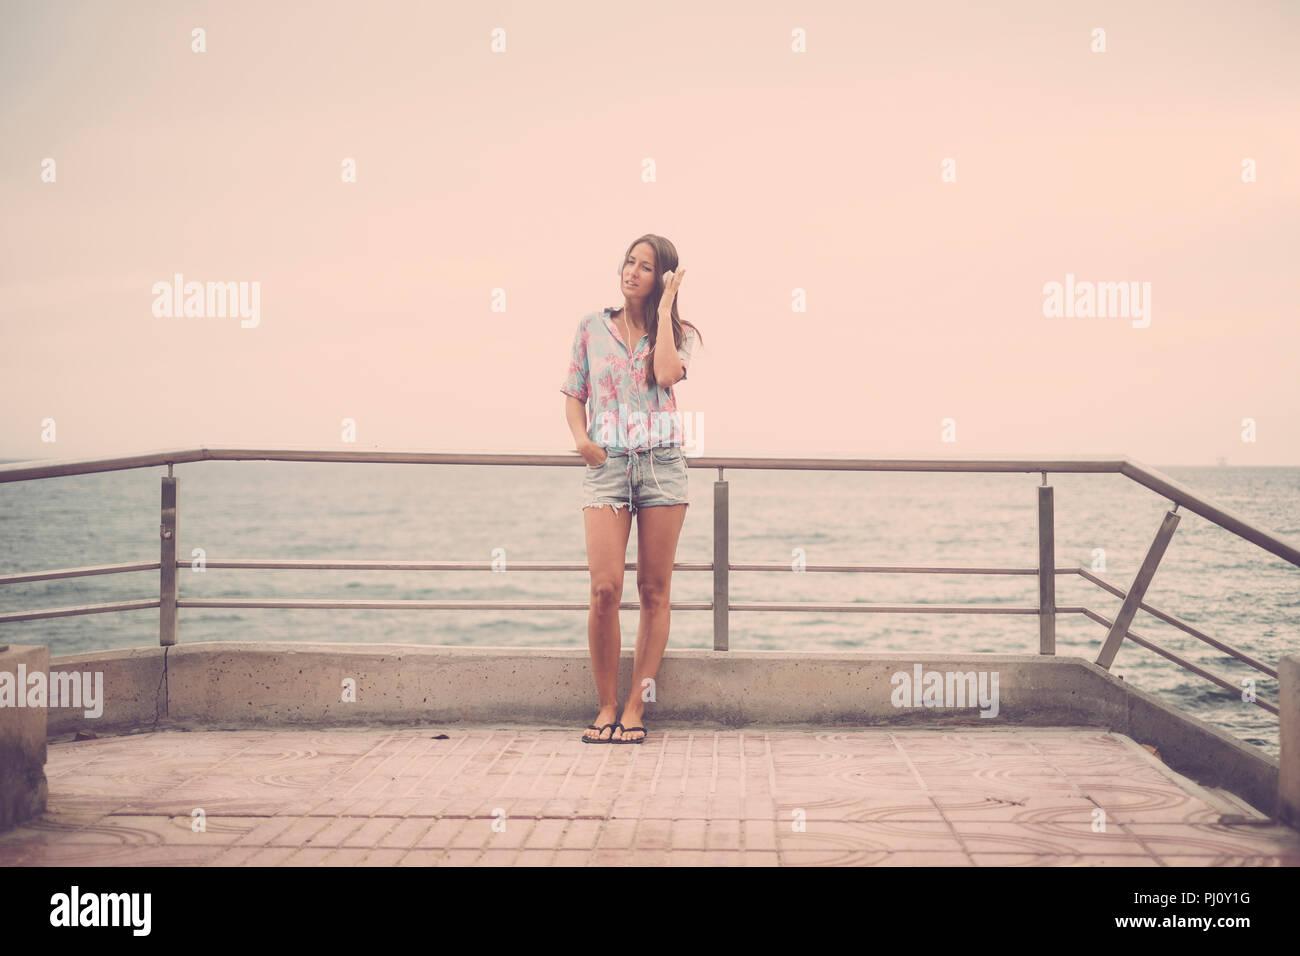 Hermosa joven mujer caucásica de pie en la playa en la carretera escuchando música con auriculares y disfrutar de la actividad de ocio y vacaciones. Imagen De Stock